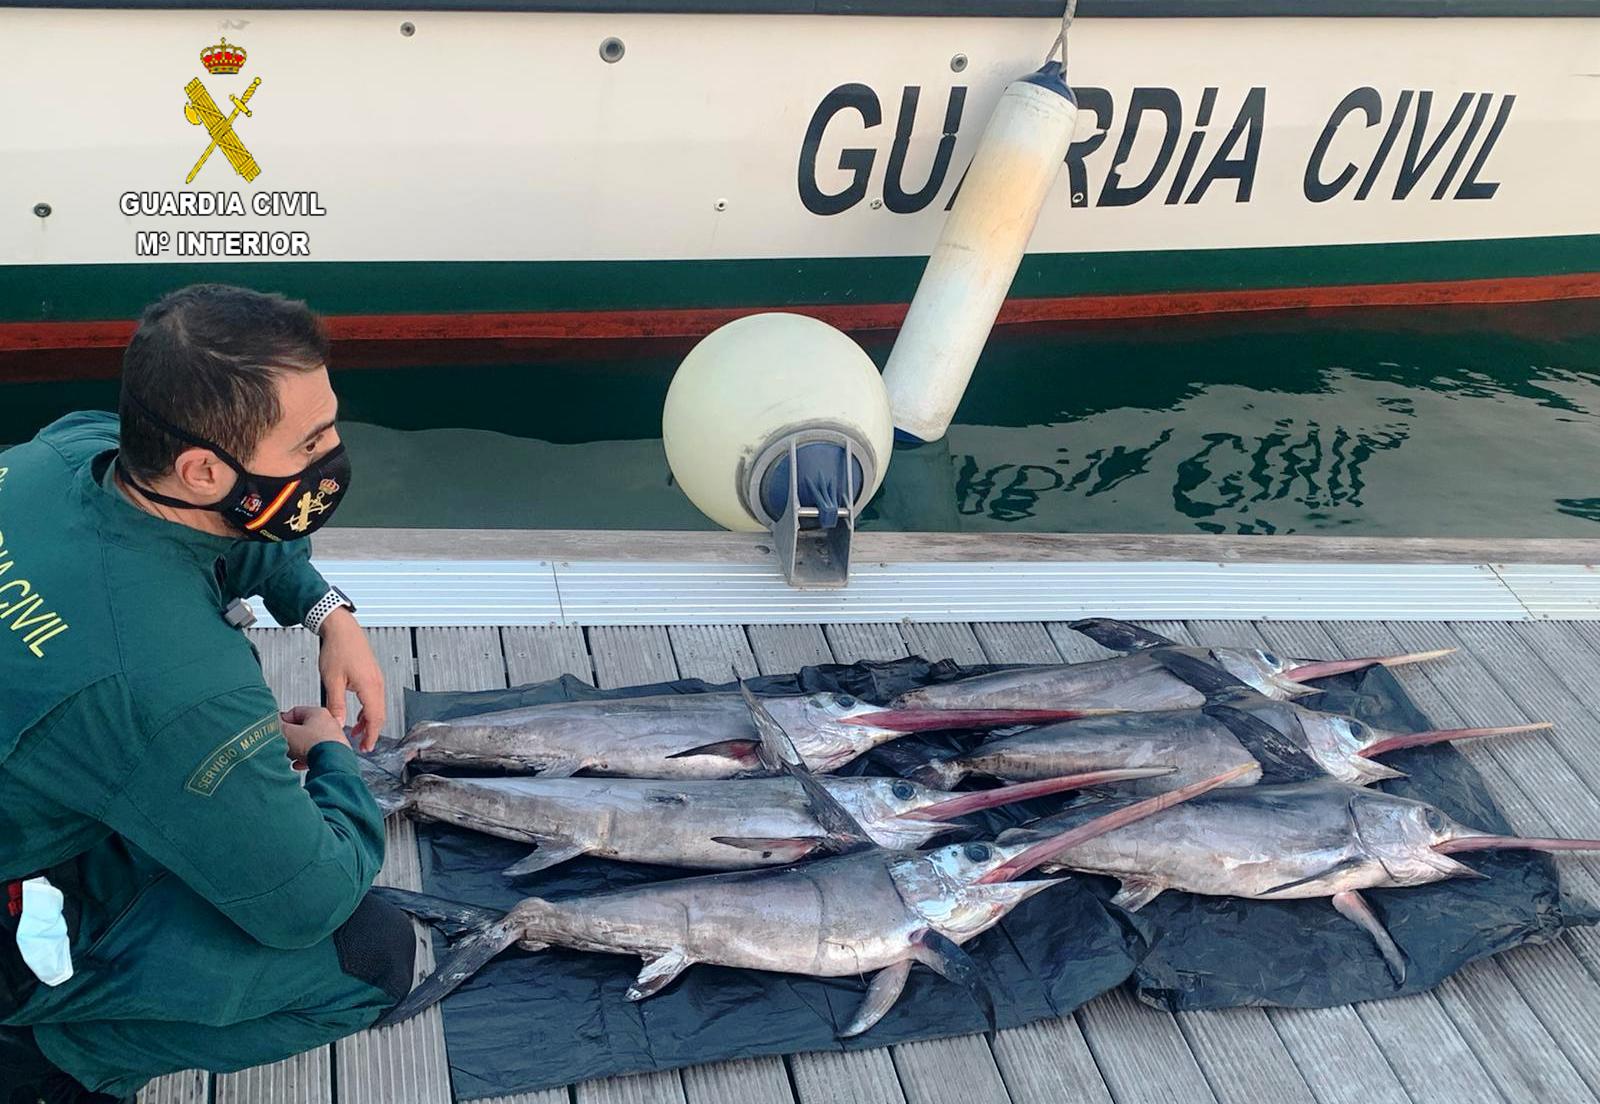 La Guardia Civil incauta a una embarcación profesional de pesca seis peces espada de talla antirreglamentaria a unas 15 millas de las Islas Columbretes